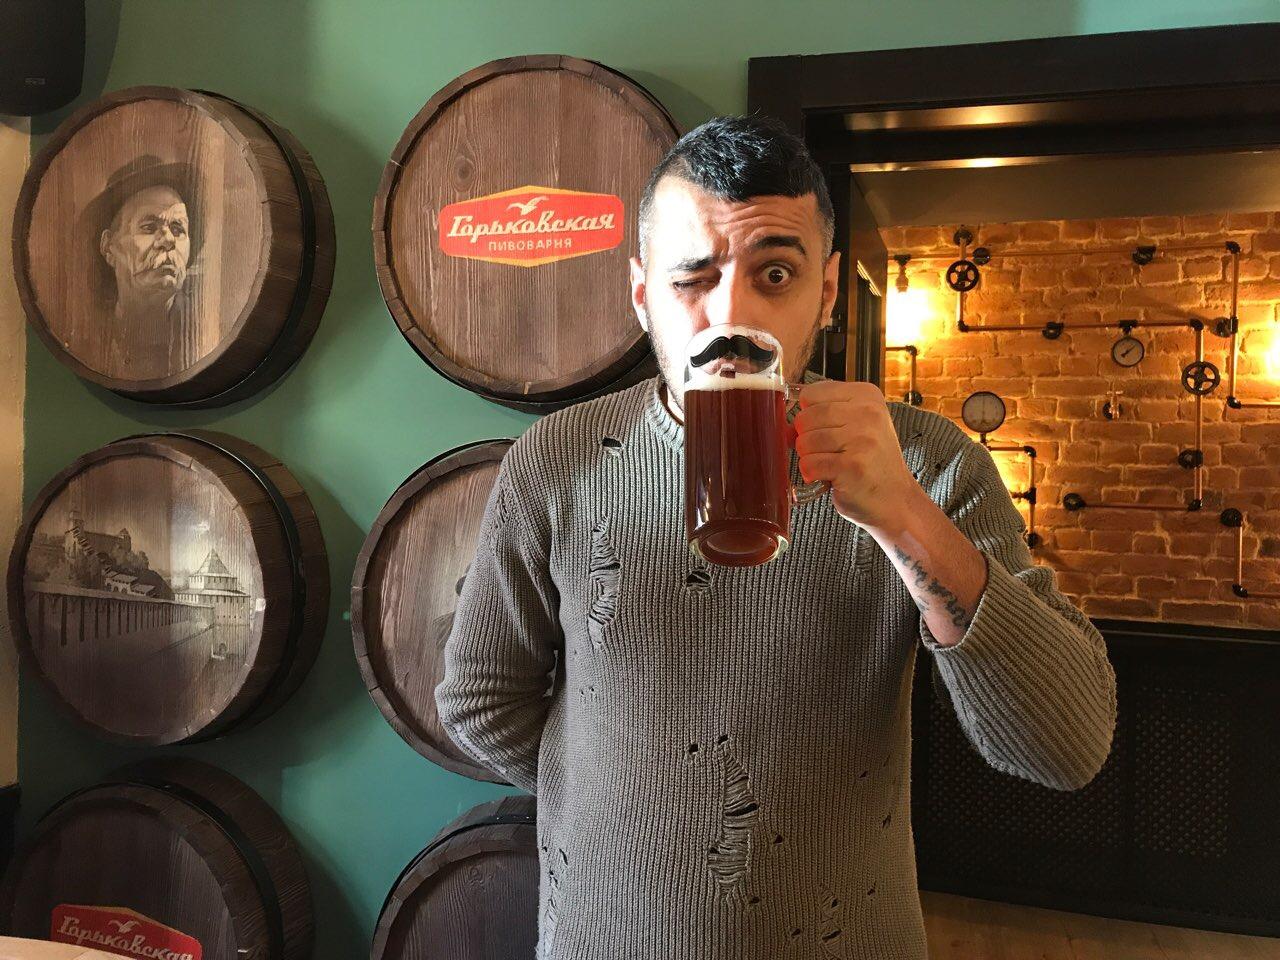 Мини пивоварни нижний новгород мини пивоварня на 100 литров цена